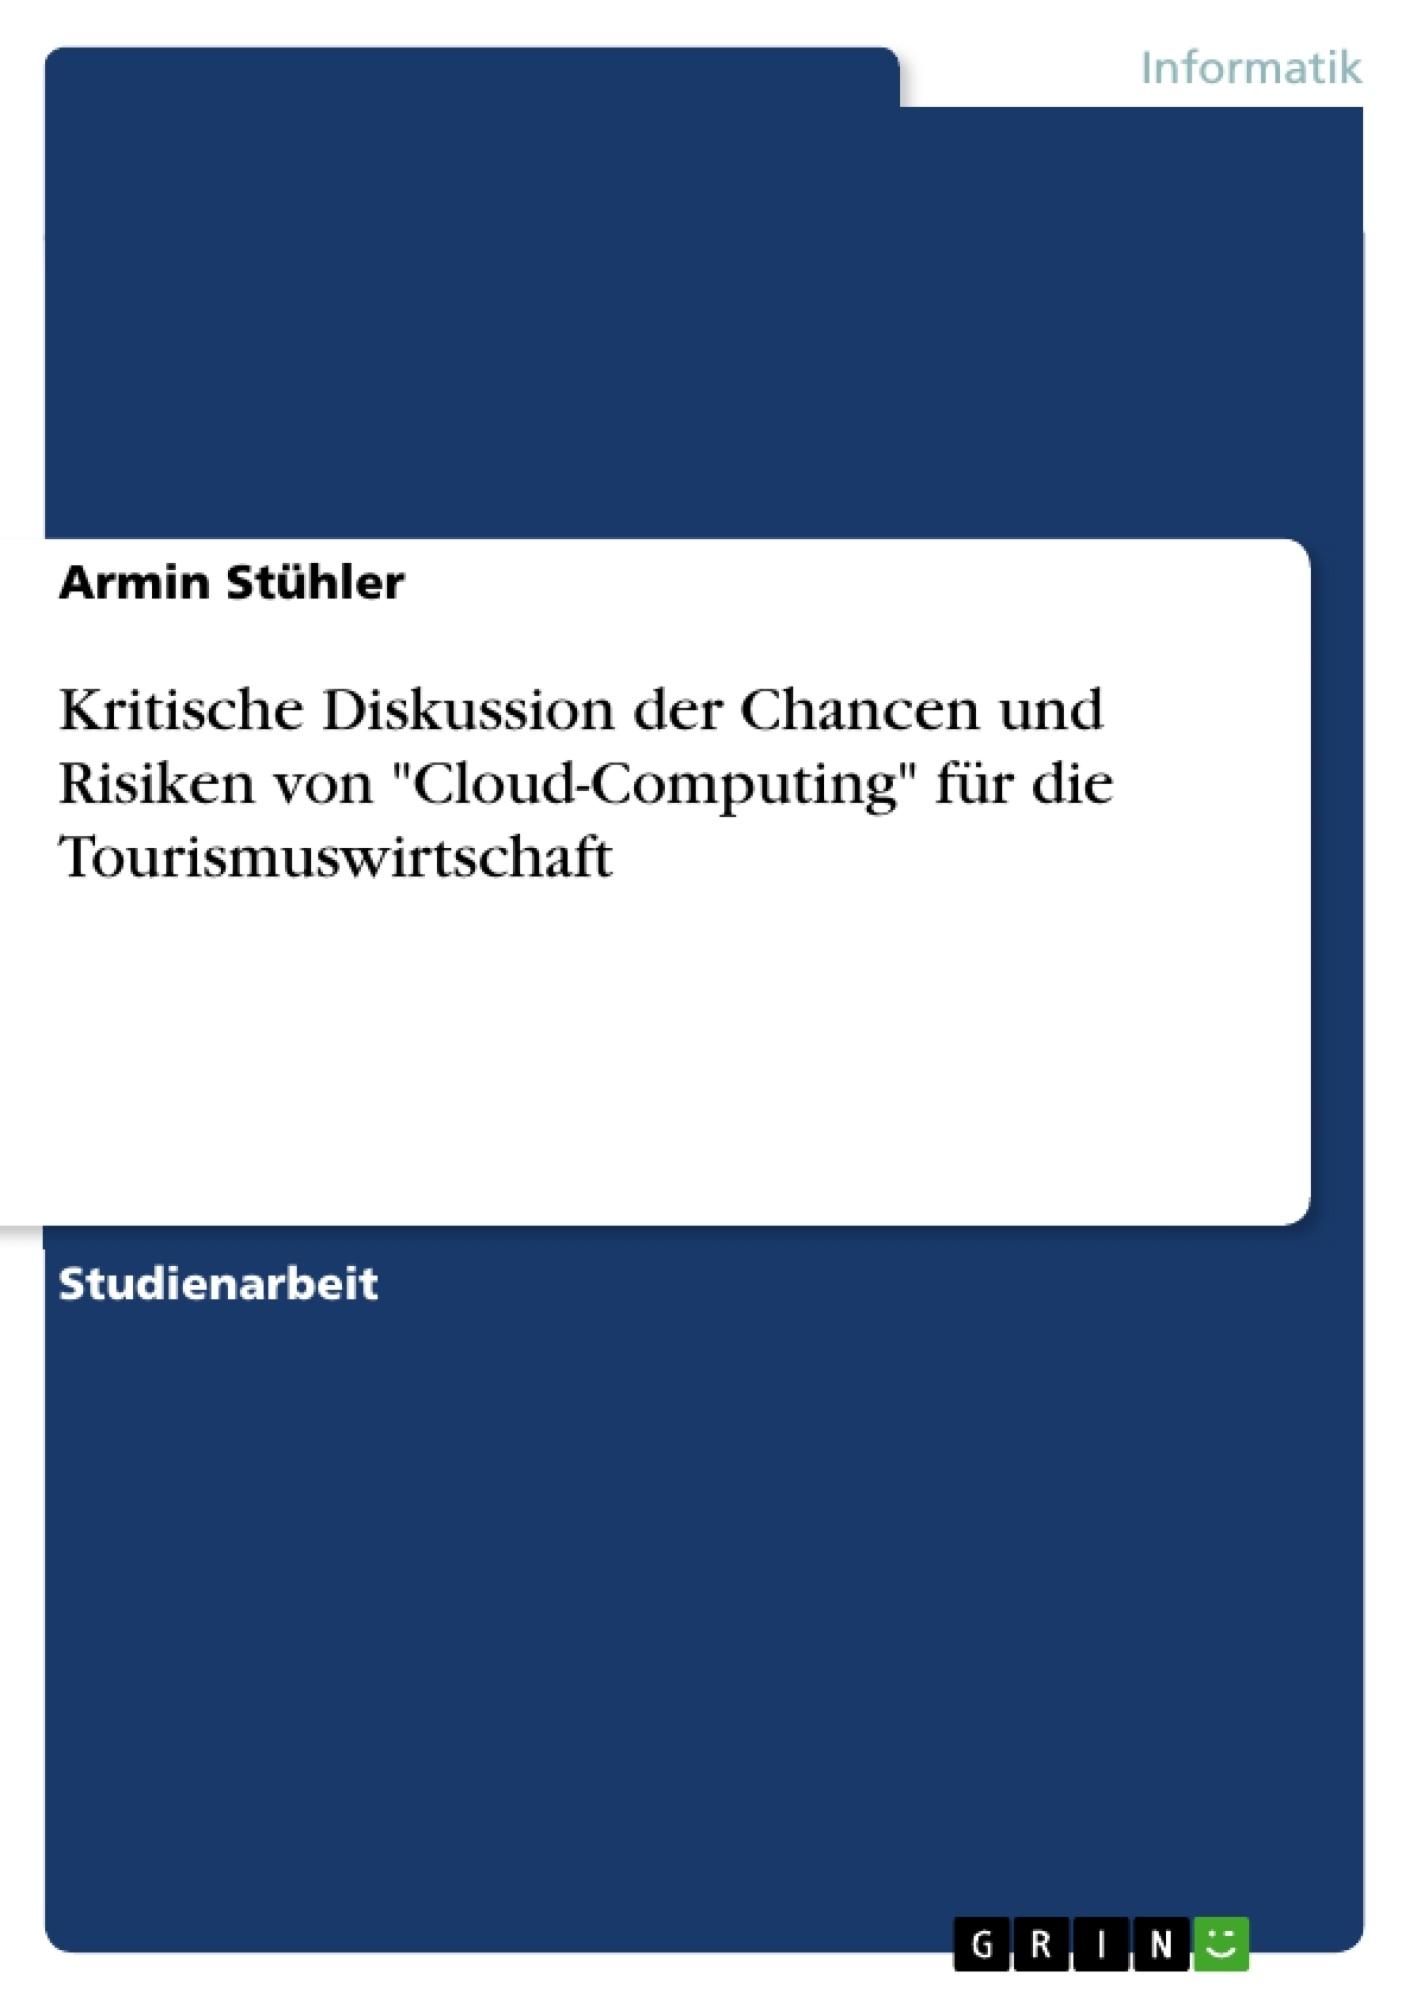 """Titel: Kritische Diskussion der Chancen und Risiken von """"Cloud-Computing"""" für die Tourismuswirtschaft"""